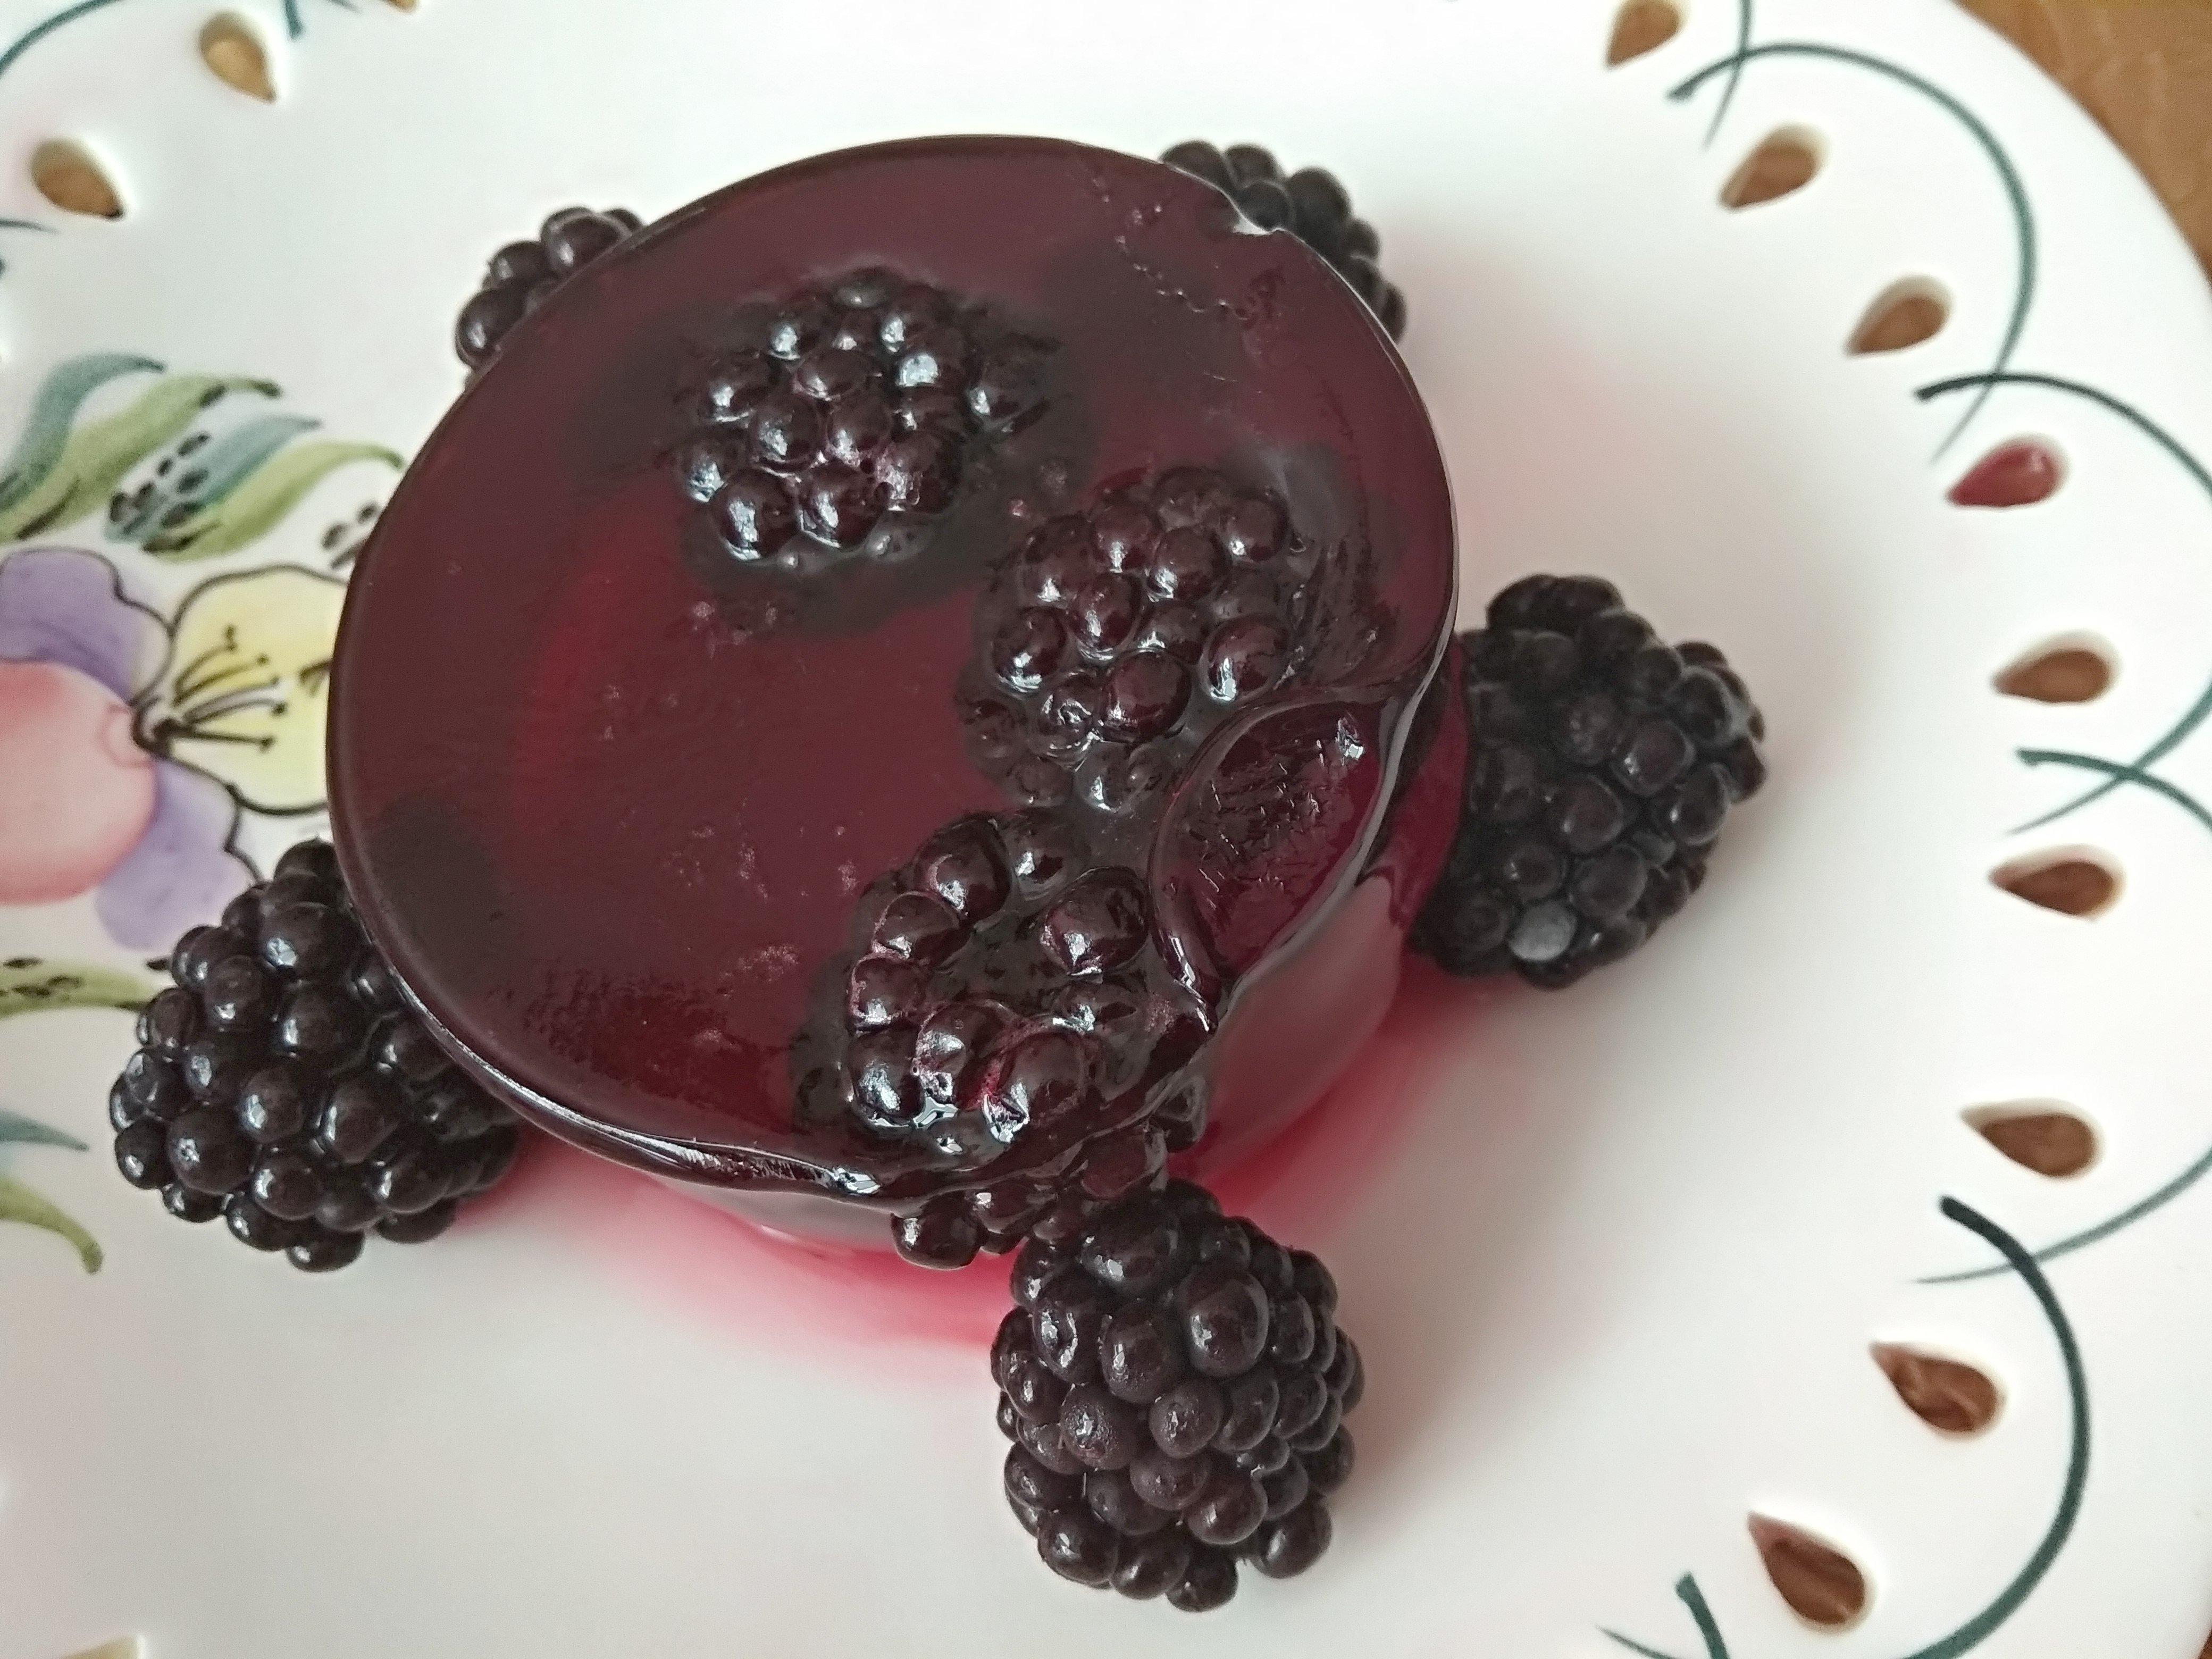 Варенье из ежевики: рецепты на зиму с целыми ягодами, желатином, пятиминутка, в мультиварке